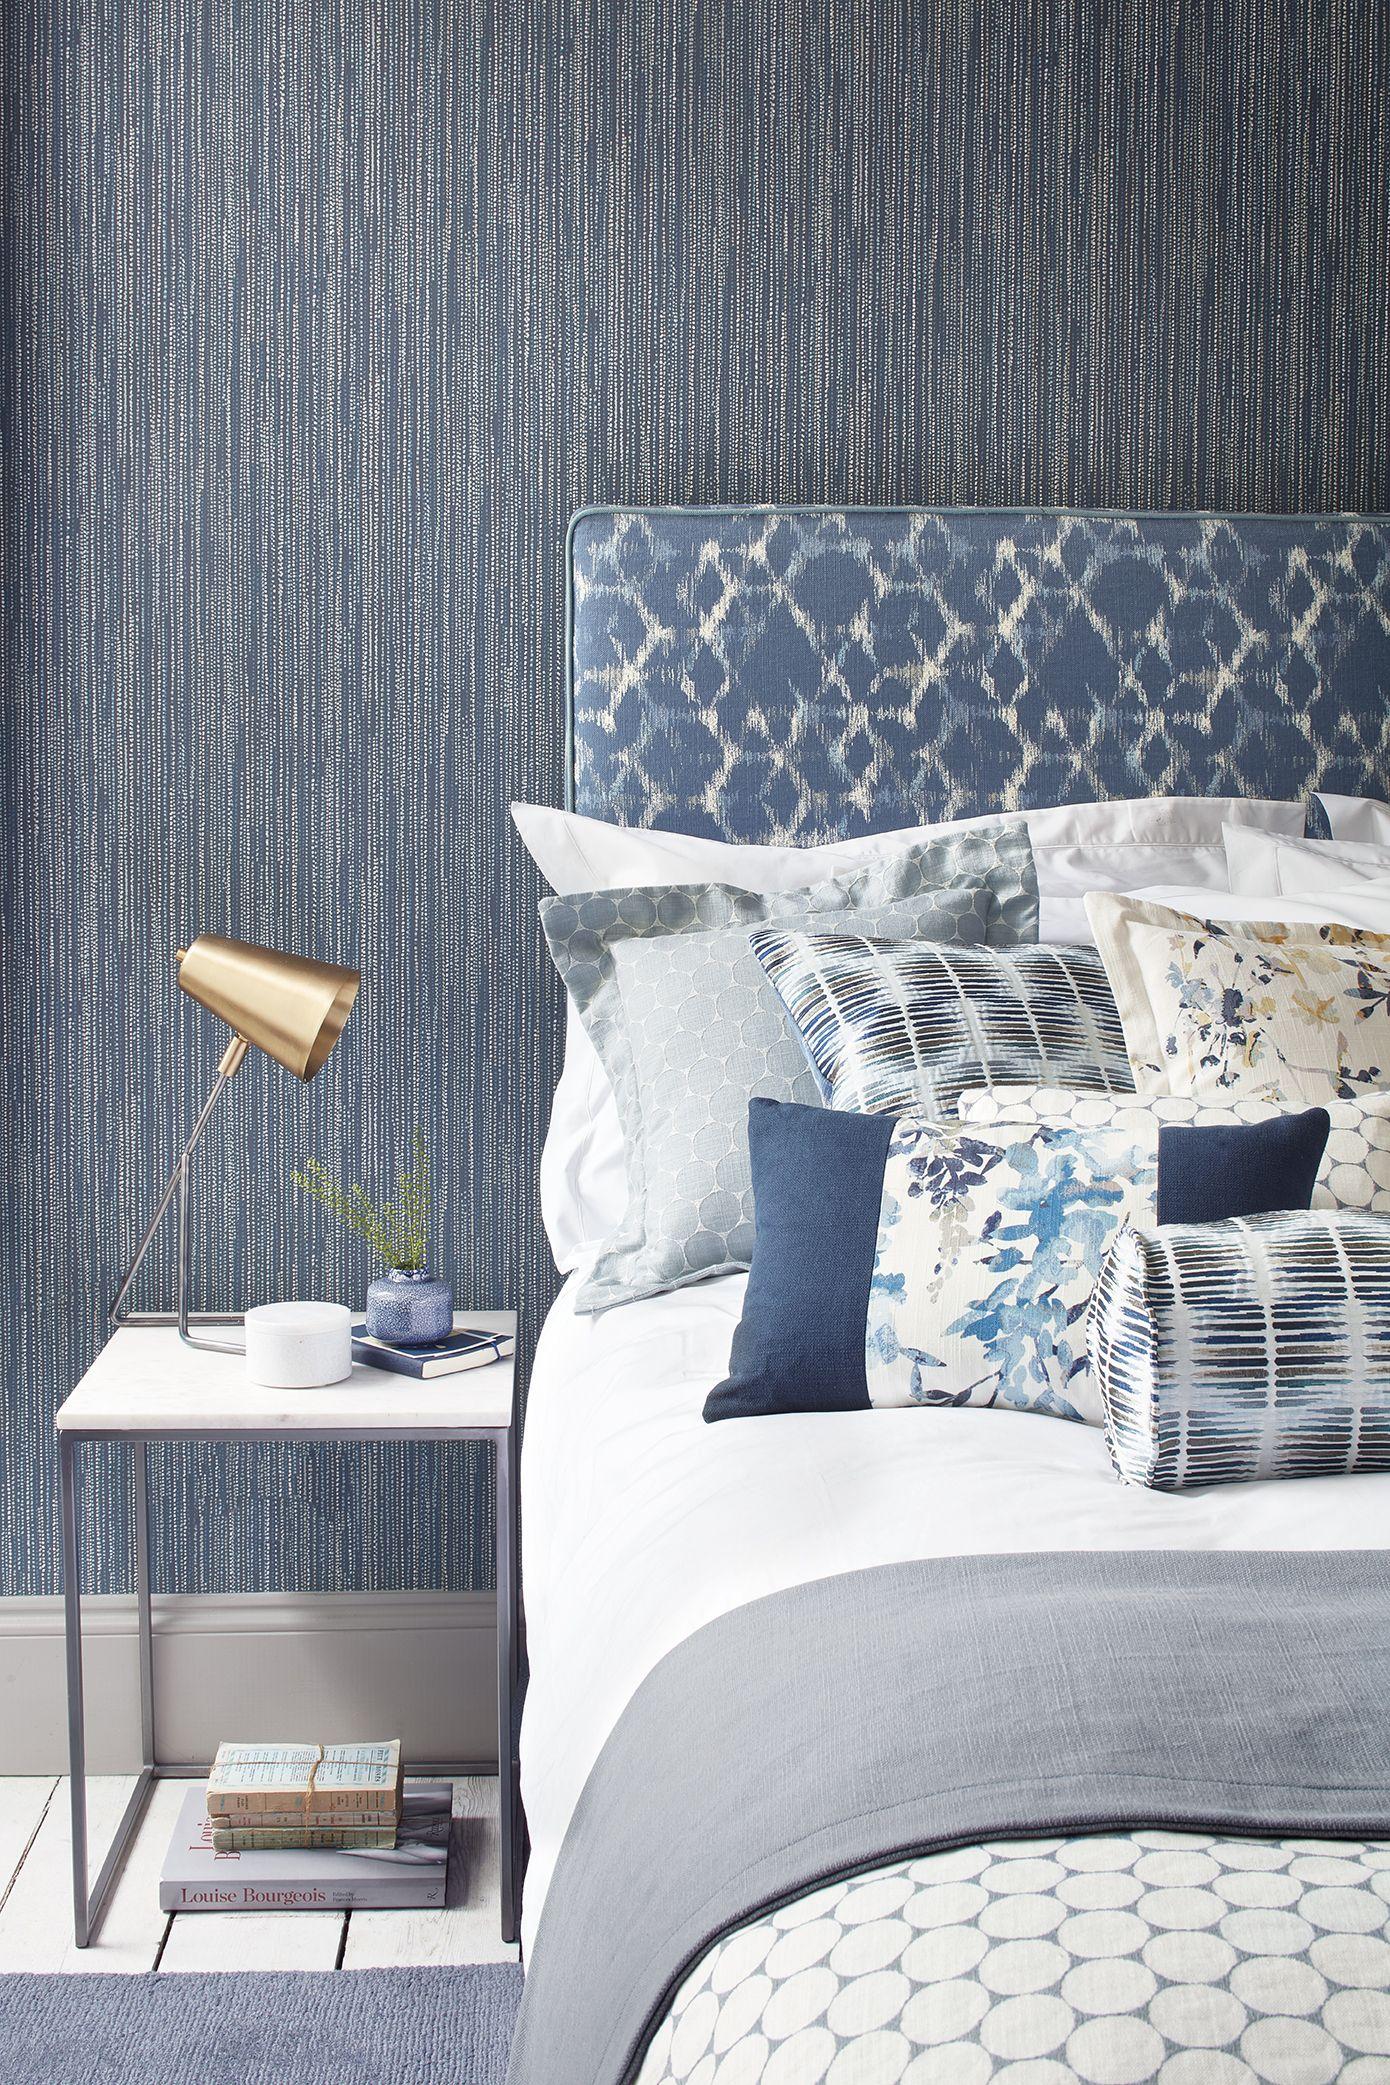 auch verschiedene blaut ne zusammen kombiniert wirken sehr harmonisch und einladend foto villa. Black Bedroom Furniture Sets. Home Design Ideas